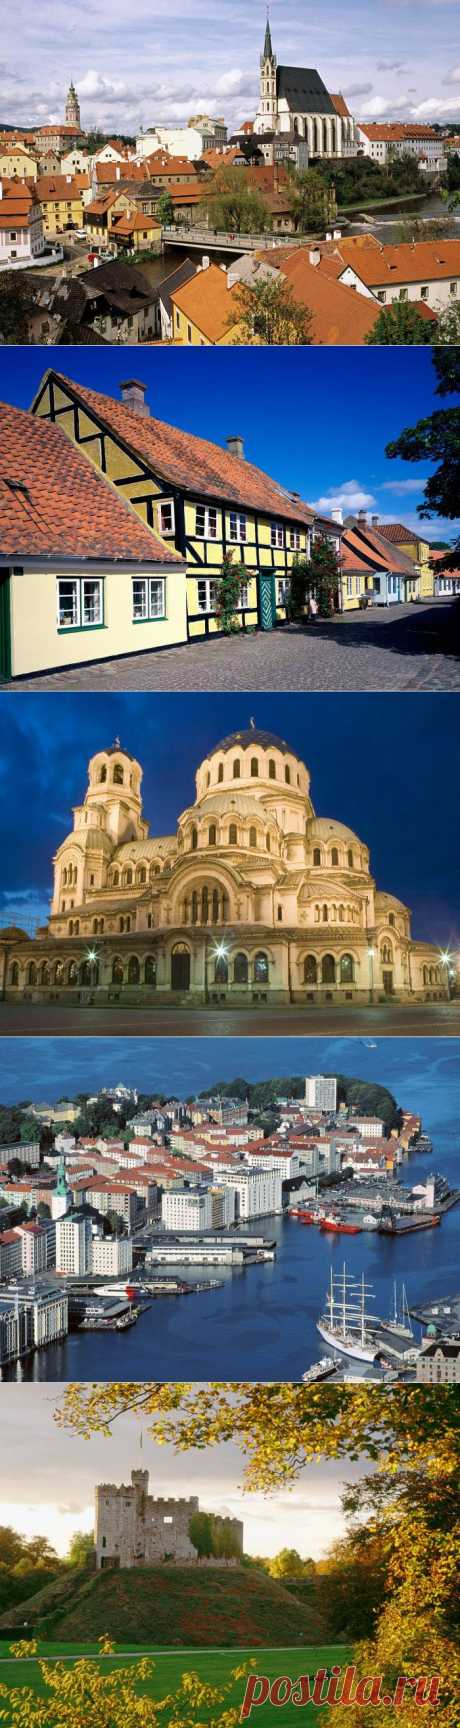 Фотографии Европейских стран